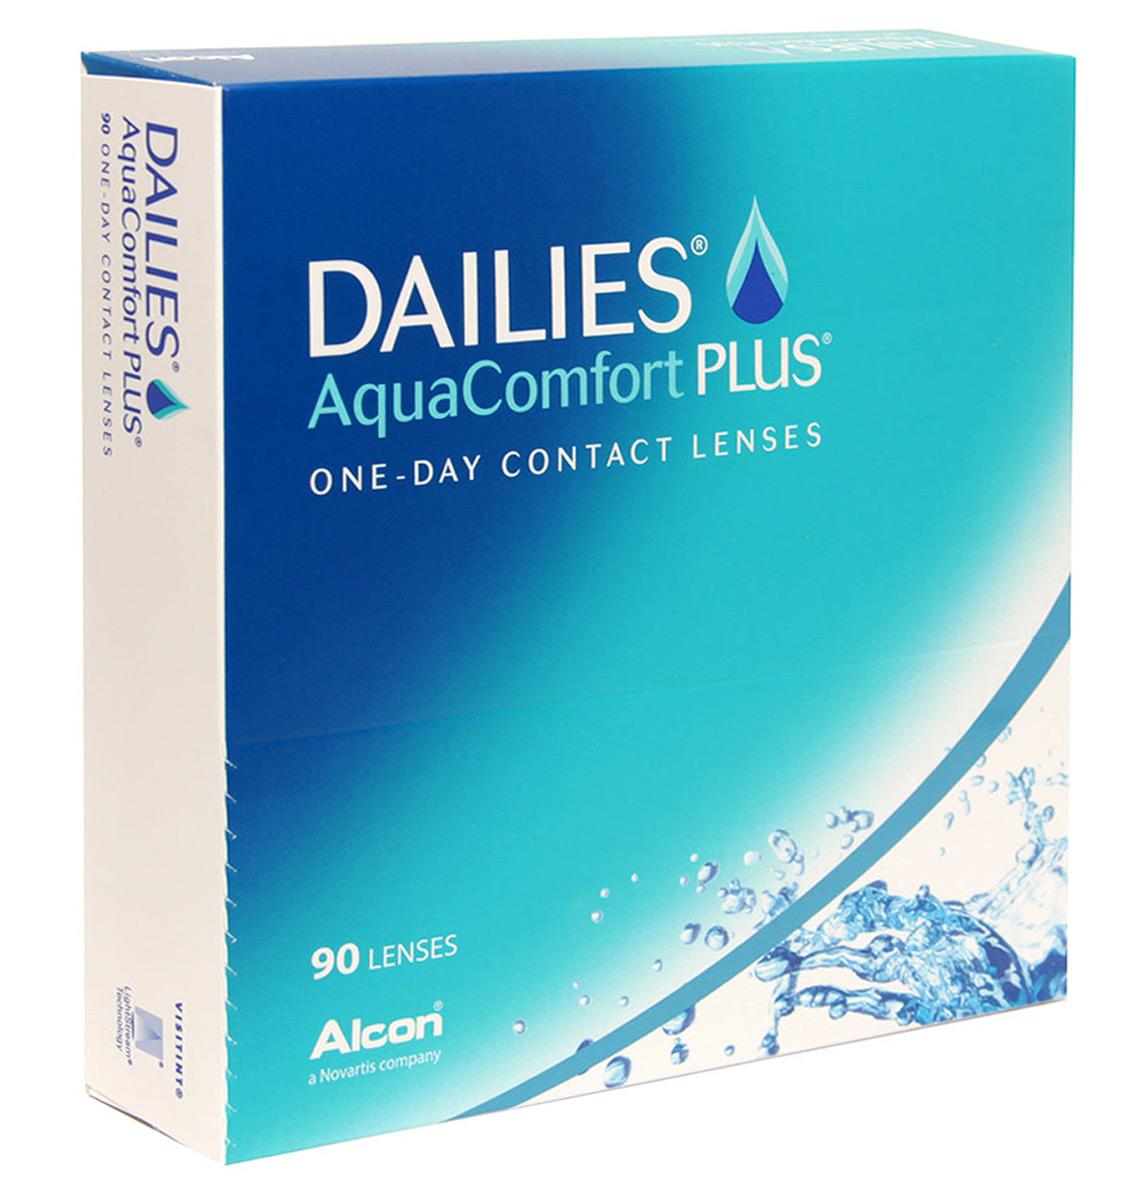 Alcon-CIBA Vision контактные линзы Dailies AquaComfort Plus (90шт / 8.7 / 14.0 / -3.75)38379Dailies AquaComfort Plus - это одни из самых популярных однодневных линз производства компании Ciba Vision. Эти линзы пользуются огромной популярностью во всем мире и являются на сегодняшний день самыми безопасными контактными линзами. Изготавливаются линзы из современного, 100% безопасного материала нелфилкон А. Особенность этого материала в том, что он легко пропускает воздух и хорошо сохраняет влагу. Однодневные контактные линзы Dailies AquaComfort Plus не нуждаются в дополнительном уходе и затратах, каждый день вы надеваете свежую пару линз. Дизайн линзы биосовместимый, что гарантирует безупречный комфорт. Самое главное достоинство Dailies AquaComfort Plus - это их уникальная система увлажнения. Благодаря этой разработке линзы увлажняются тремя различными агентами. Первый компонент, ухаживающий за линзами, находится в растворе, он как бы обволакивает линзу, обеспечивая чрезвычайно комфортное надевание. Второй агент выделяется на протяжении всего дня, он...